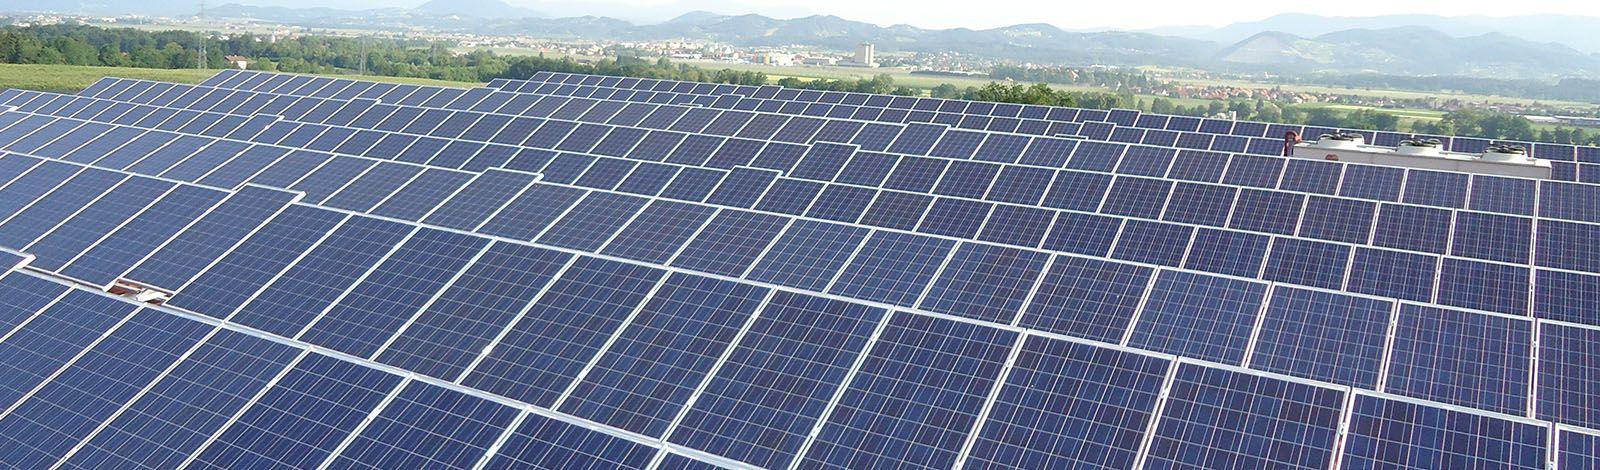 fotovoltaika za samooskrbo